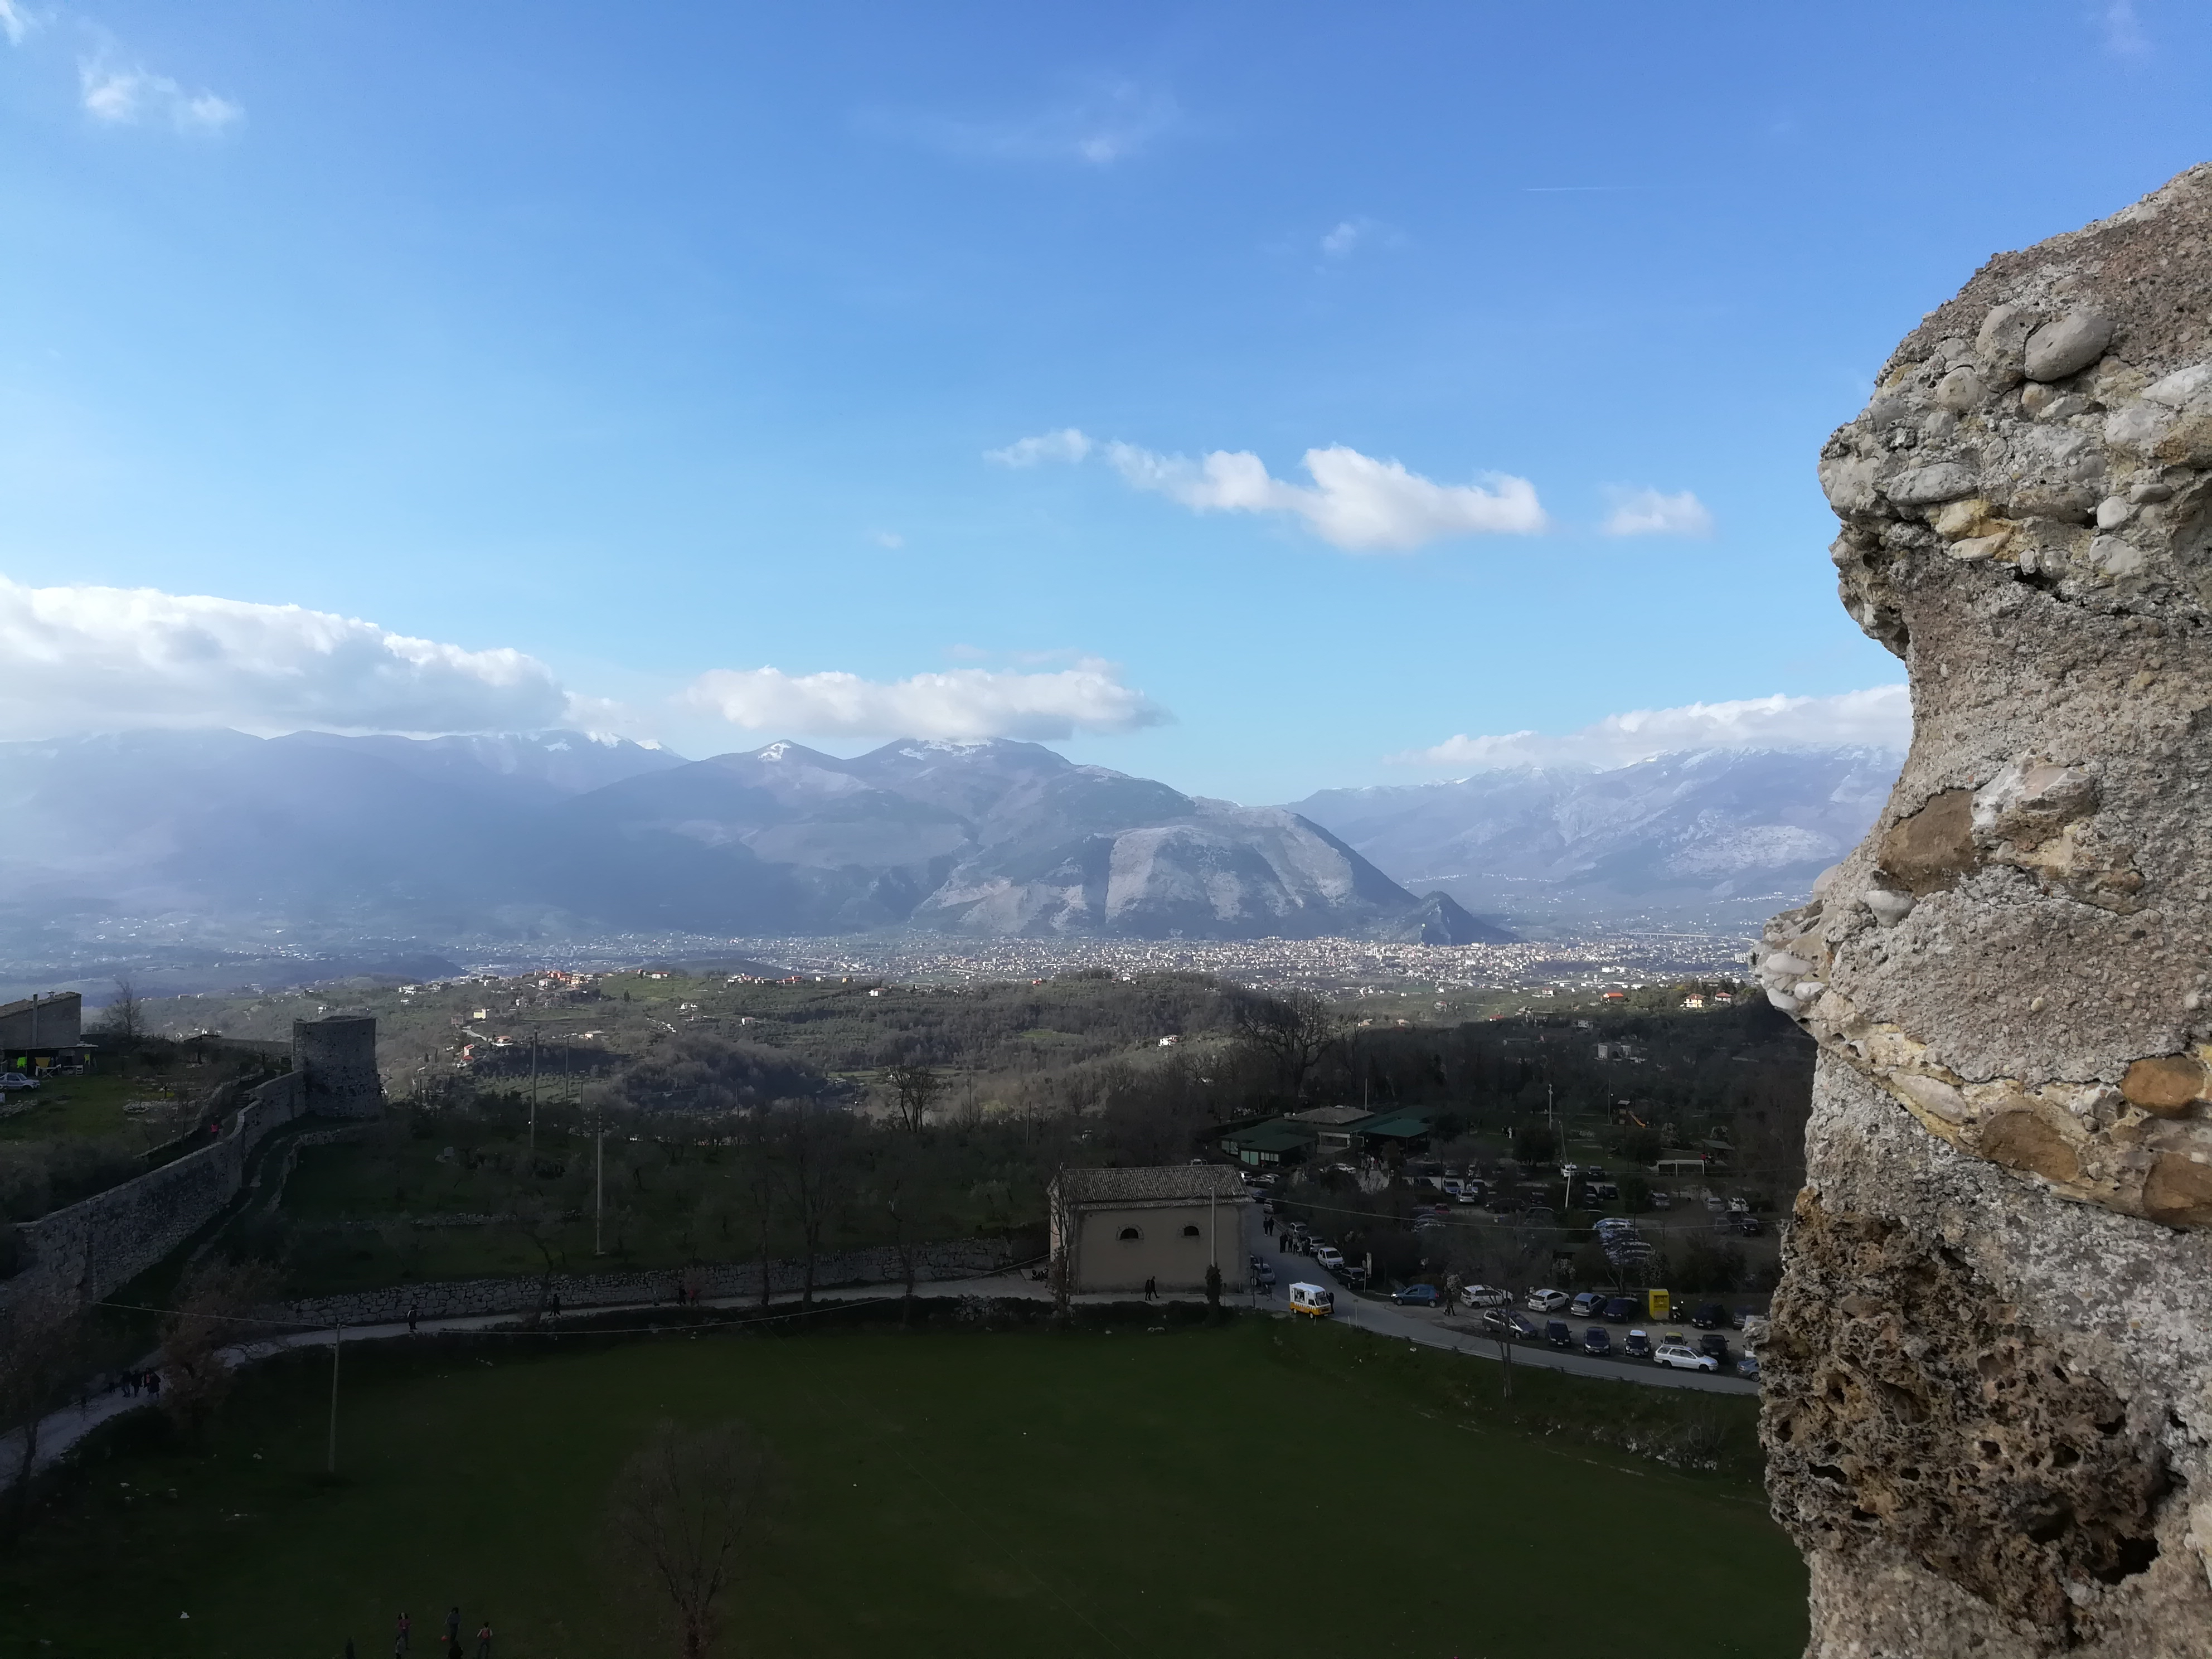 Civita vecchia di Arpino - Panorama Della Parte Vecchia